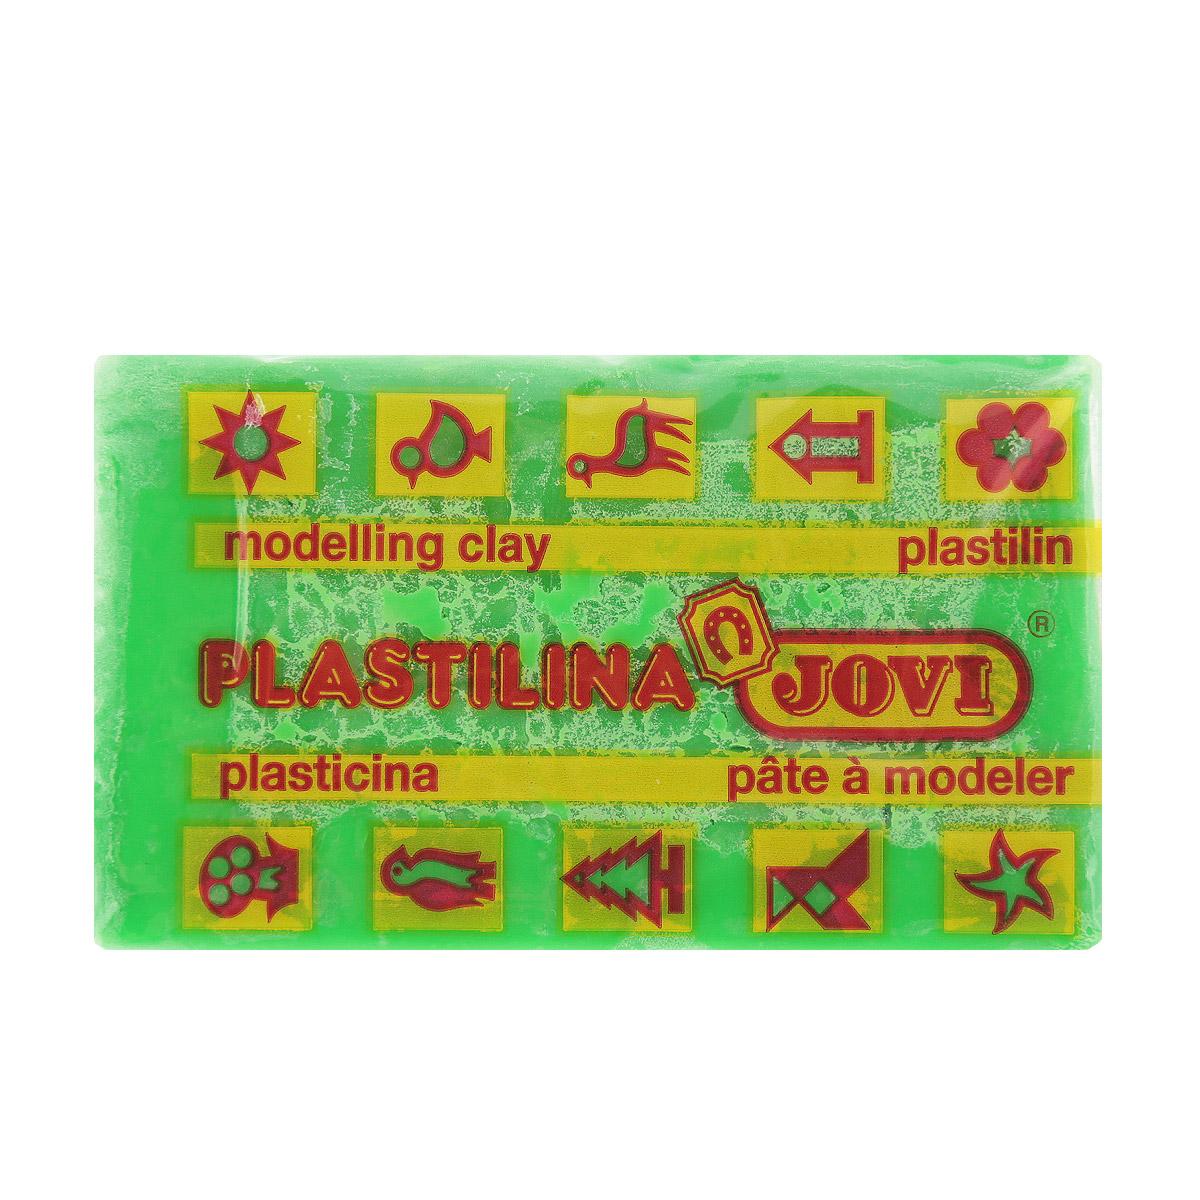 Jovi Пластилин флюоресцентный цвет салатовый 50 г72523WDПластилин Jovi - лучший выбор для лепки, он обладает превосходными изобразительными возможностями и поэтому дает простор воображению и самым смелым творческим замыслам. Пластилин, изготовленный на растительной основе, очень мягкий, легко разминается и смешивается, не пачкает руки и не прилипает к рабочей поверхности. Пластилин пригоден для создания аппликаций и поделок, ручной лепки, моделирования на каркасе, пластилиновой живописи - рисовании пластилином по бумаге, картону, дереву или текстилю. Пластические свойства сохраняются в течение 5 лет.